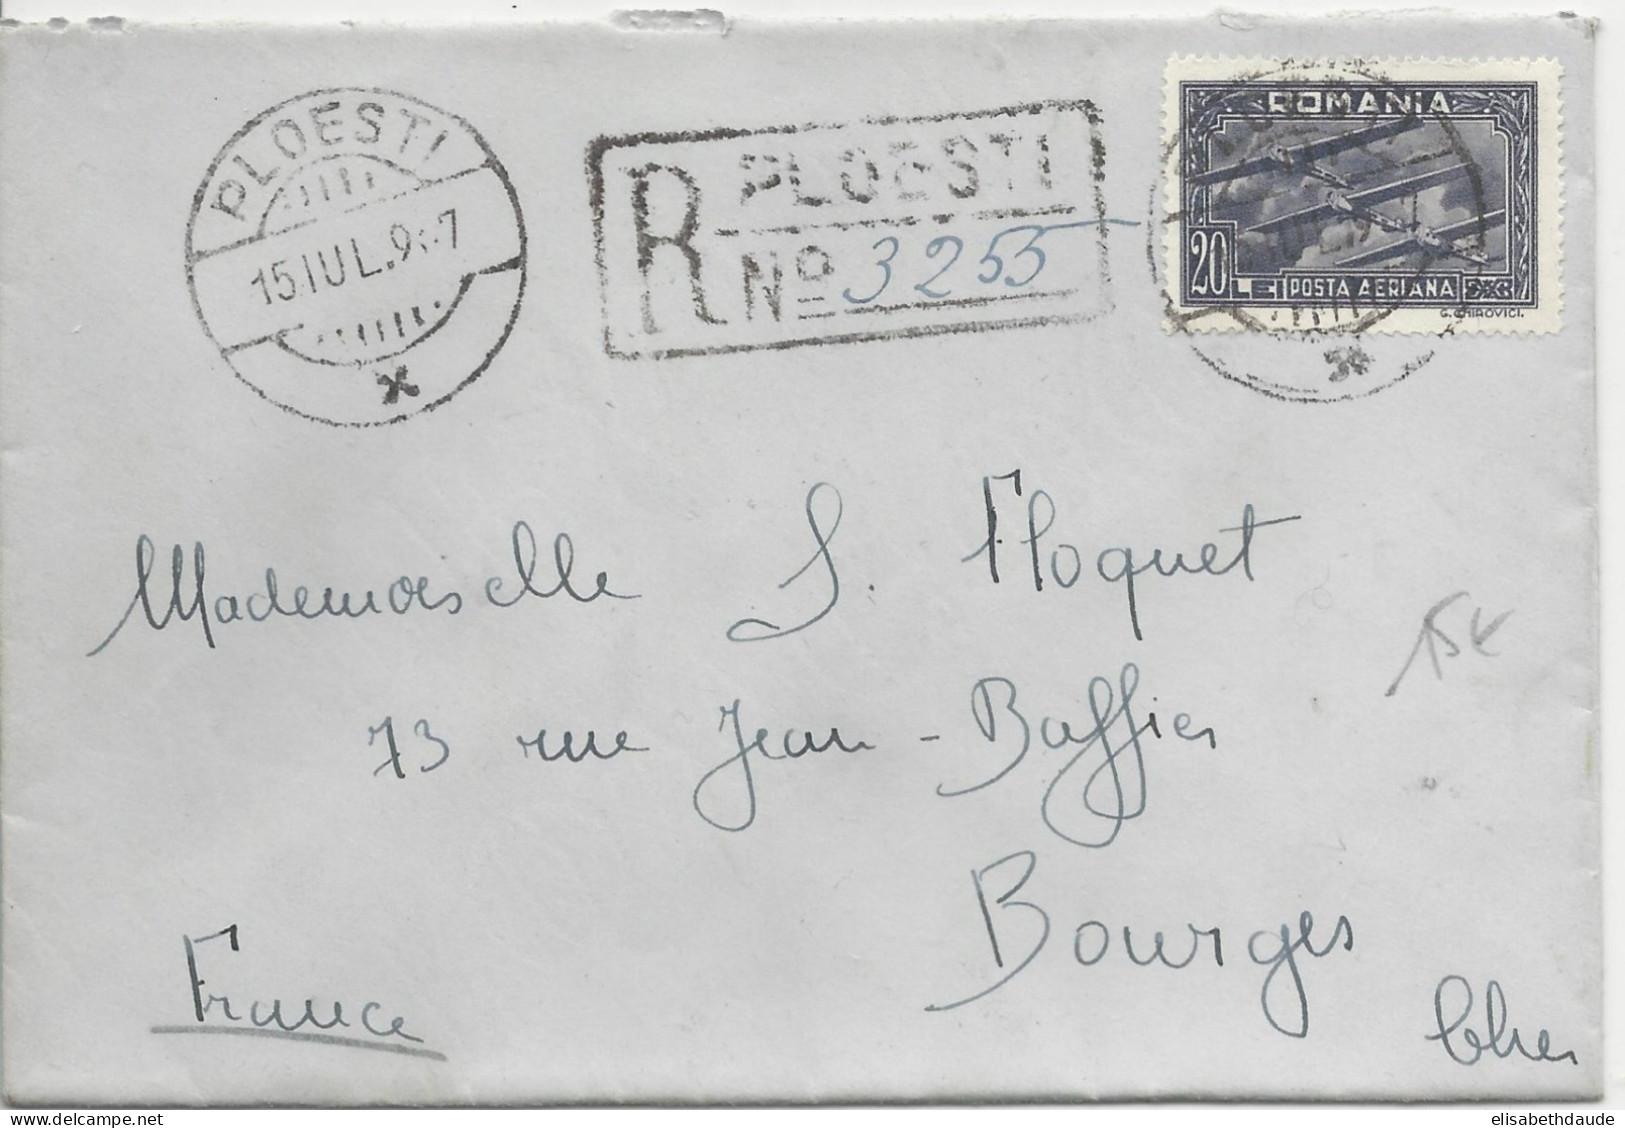 ROUMANIE - 1937 - POSTE AERIENNE - ENVELOPPE RECOMMANDEE De PLOESTI Pour BOURGES (FRANCE) - SEUL SUR LETTRE - Aéreo